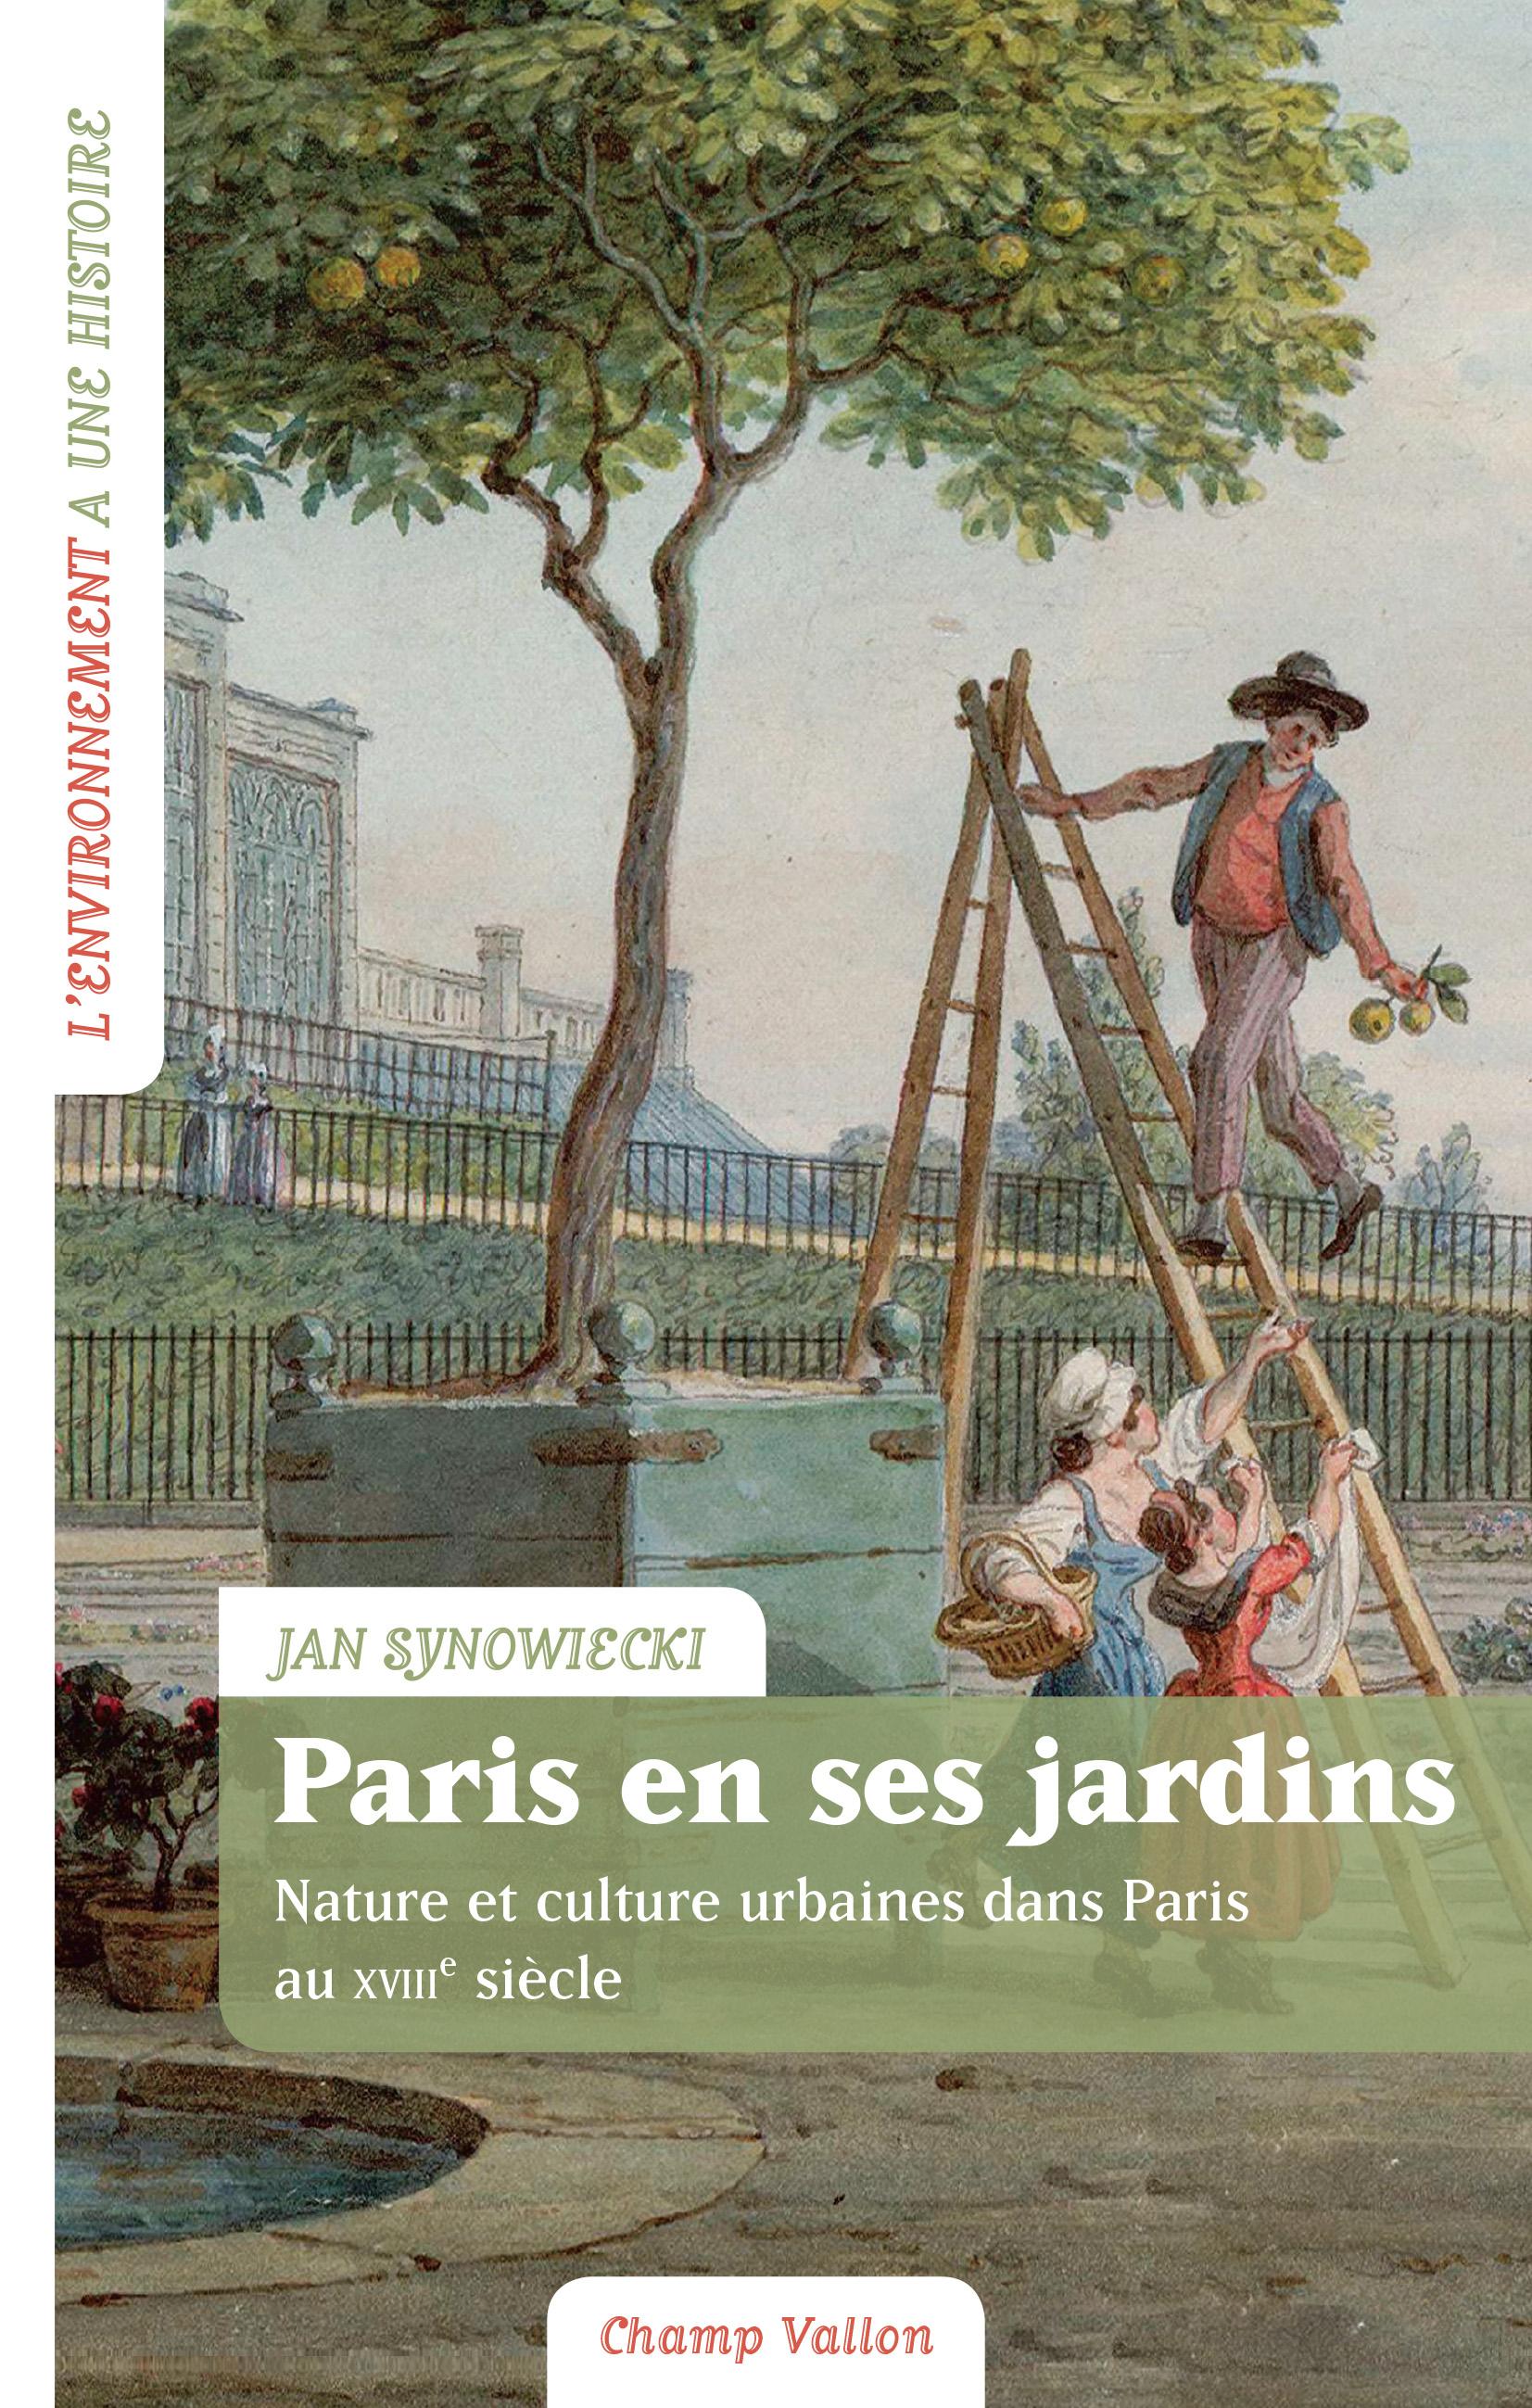 J. Synowiecki, Paris en ses jardins